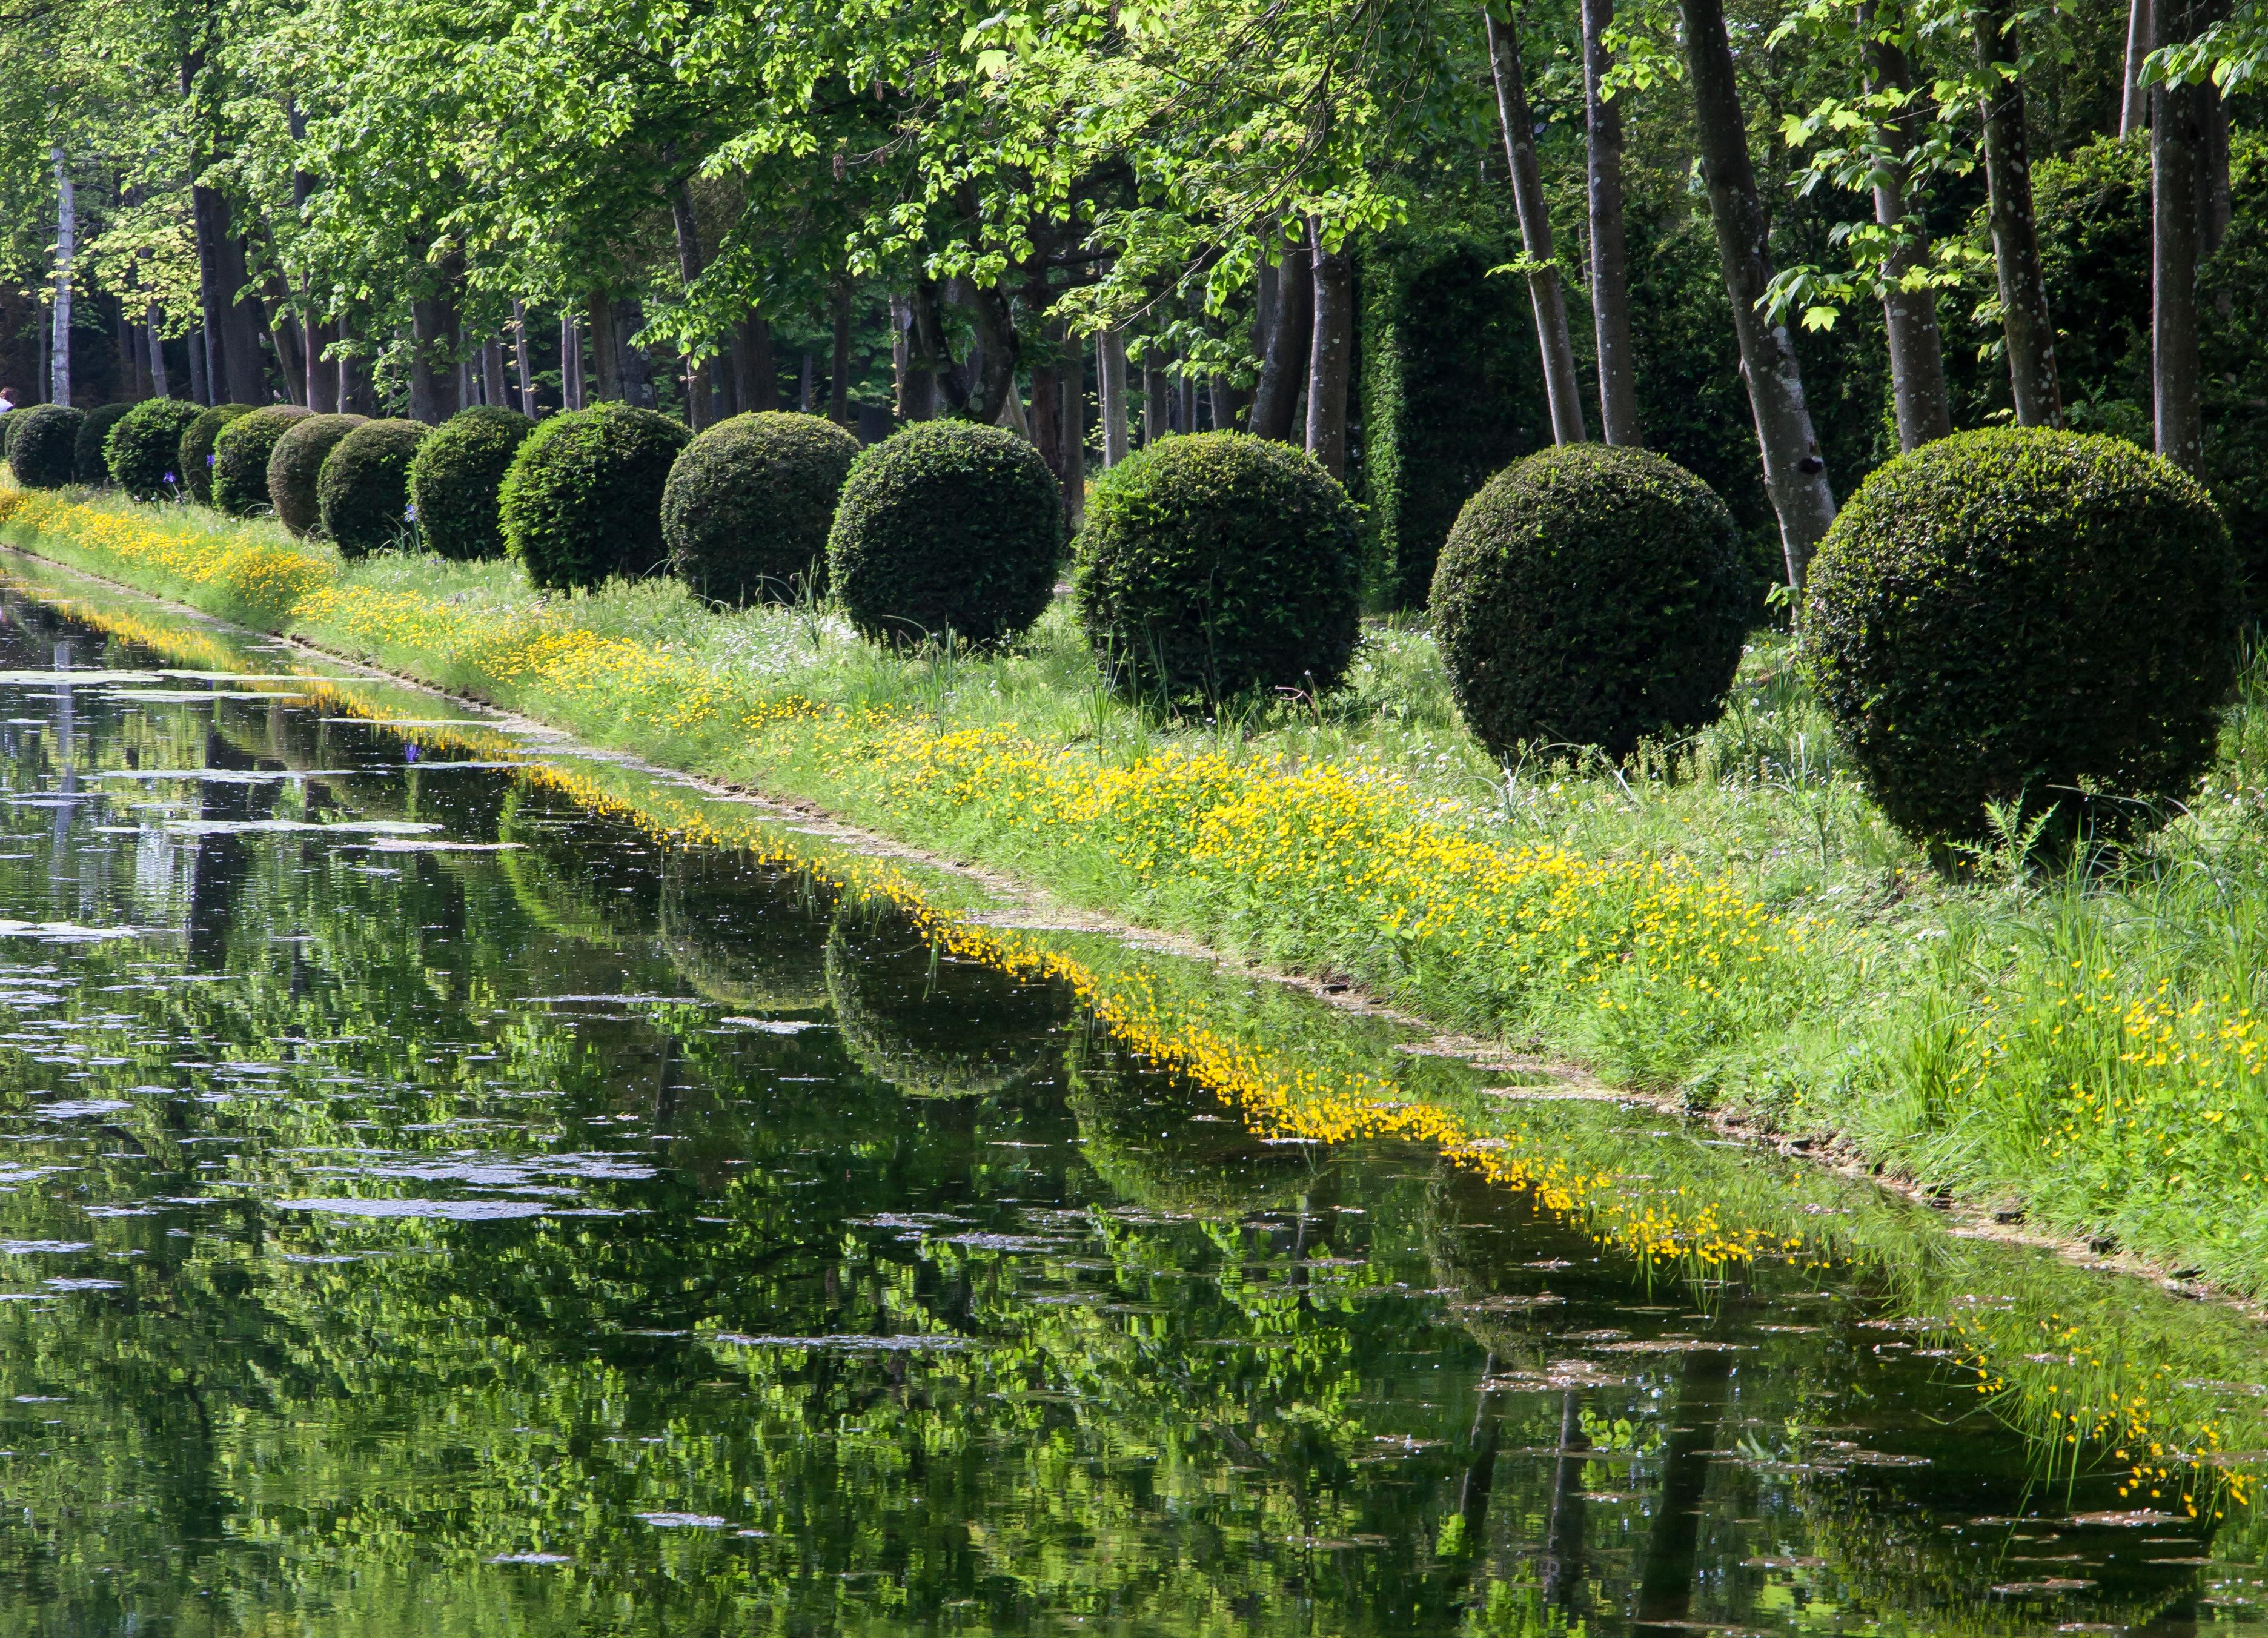 Jardins Contemporains pour conjuguer le passé au présent : les jardins historiques entre